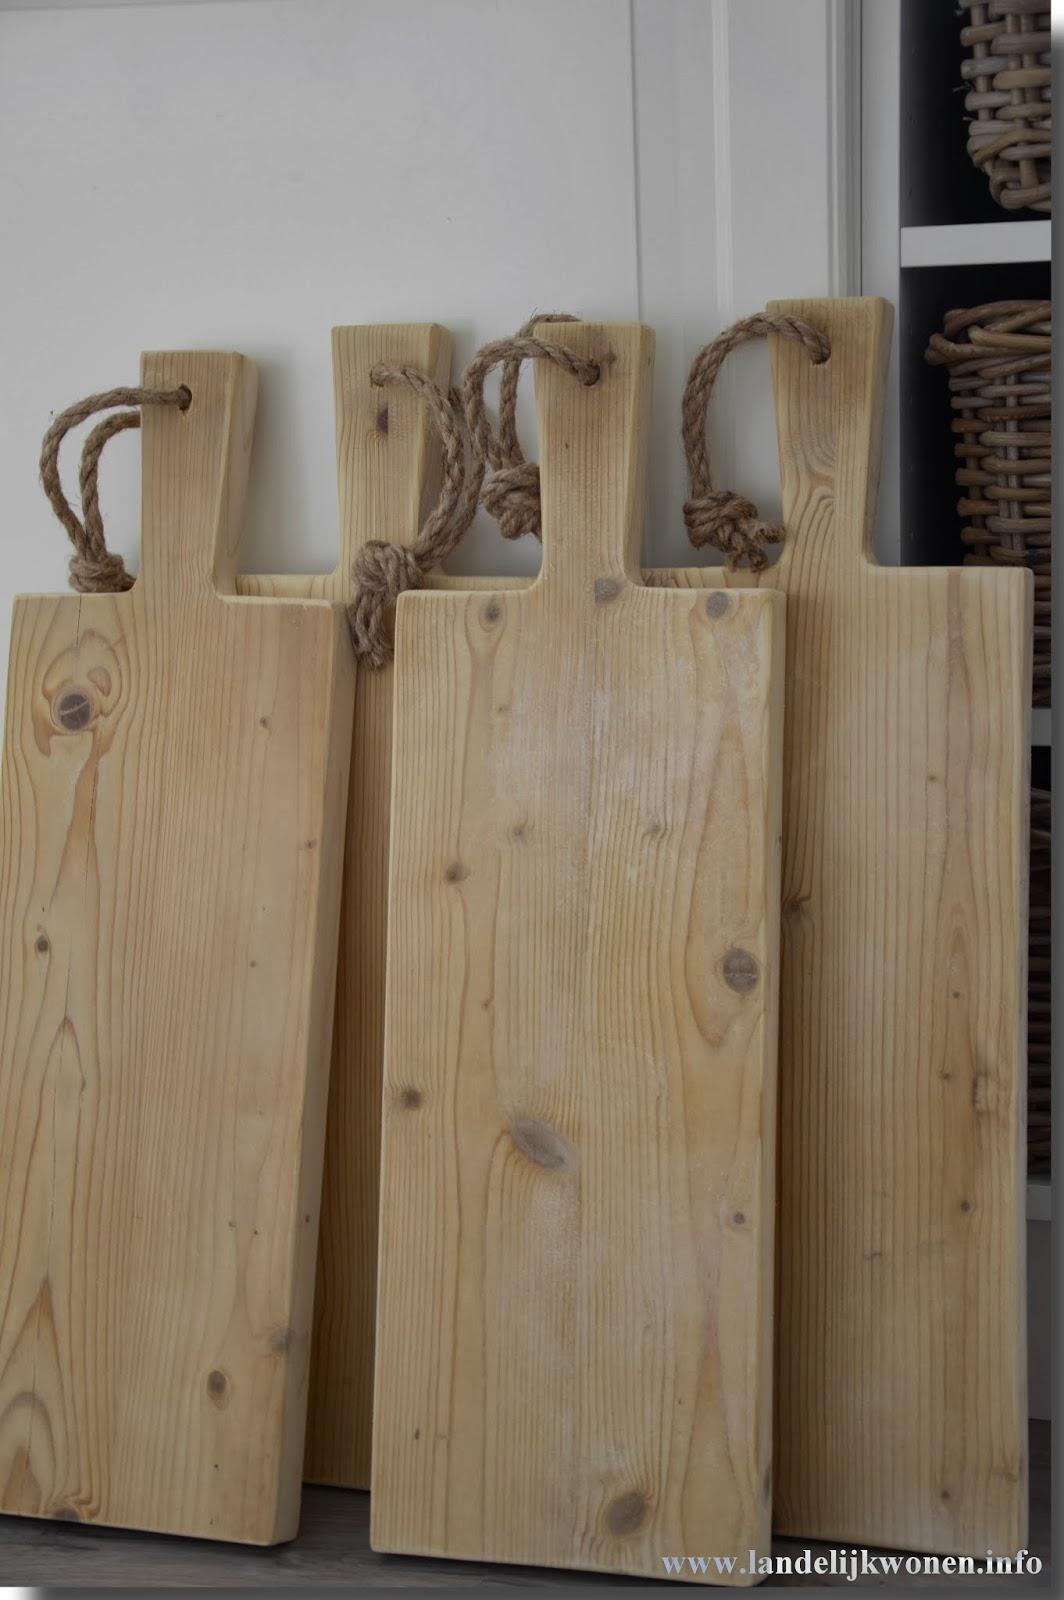 Zelf Een Steigerhouten Keuken Maken : Landelijk Wonen: Kaasplanken